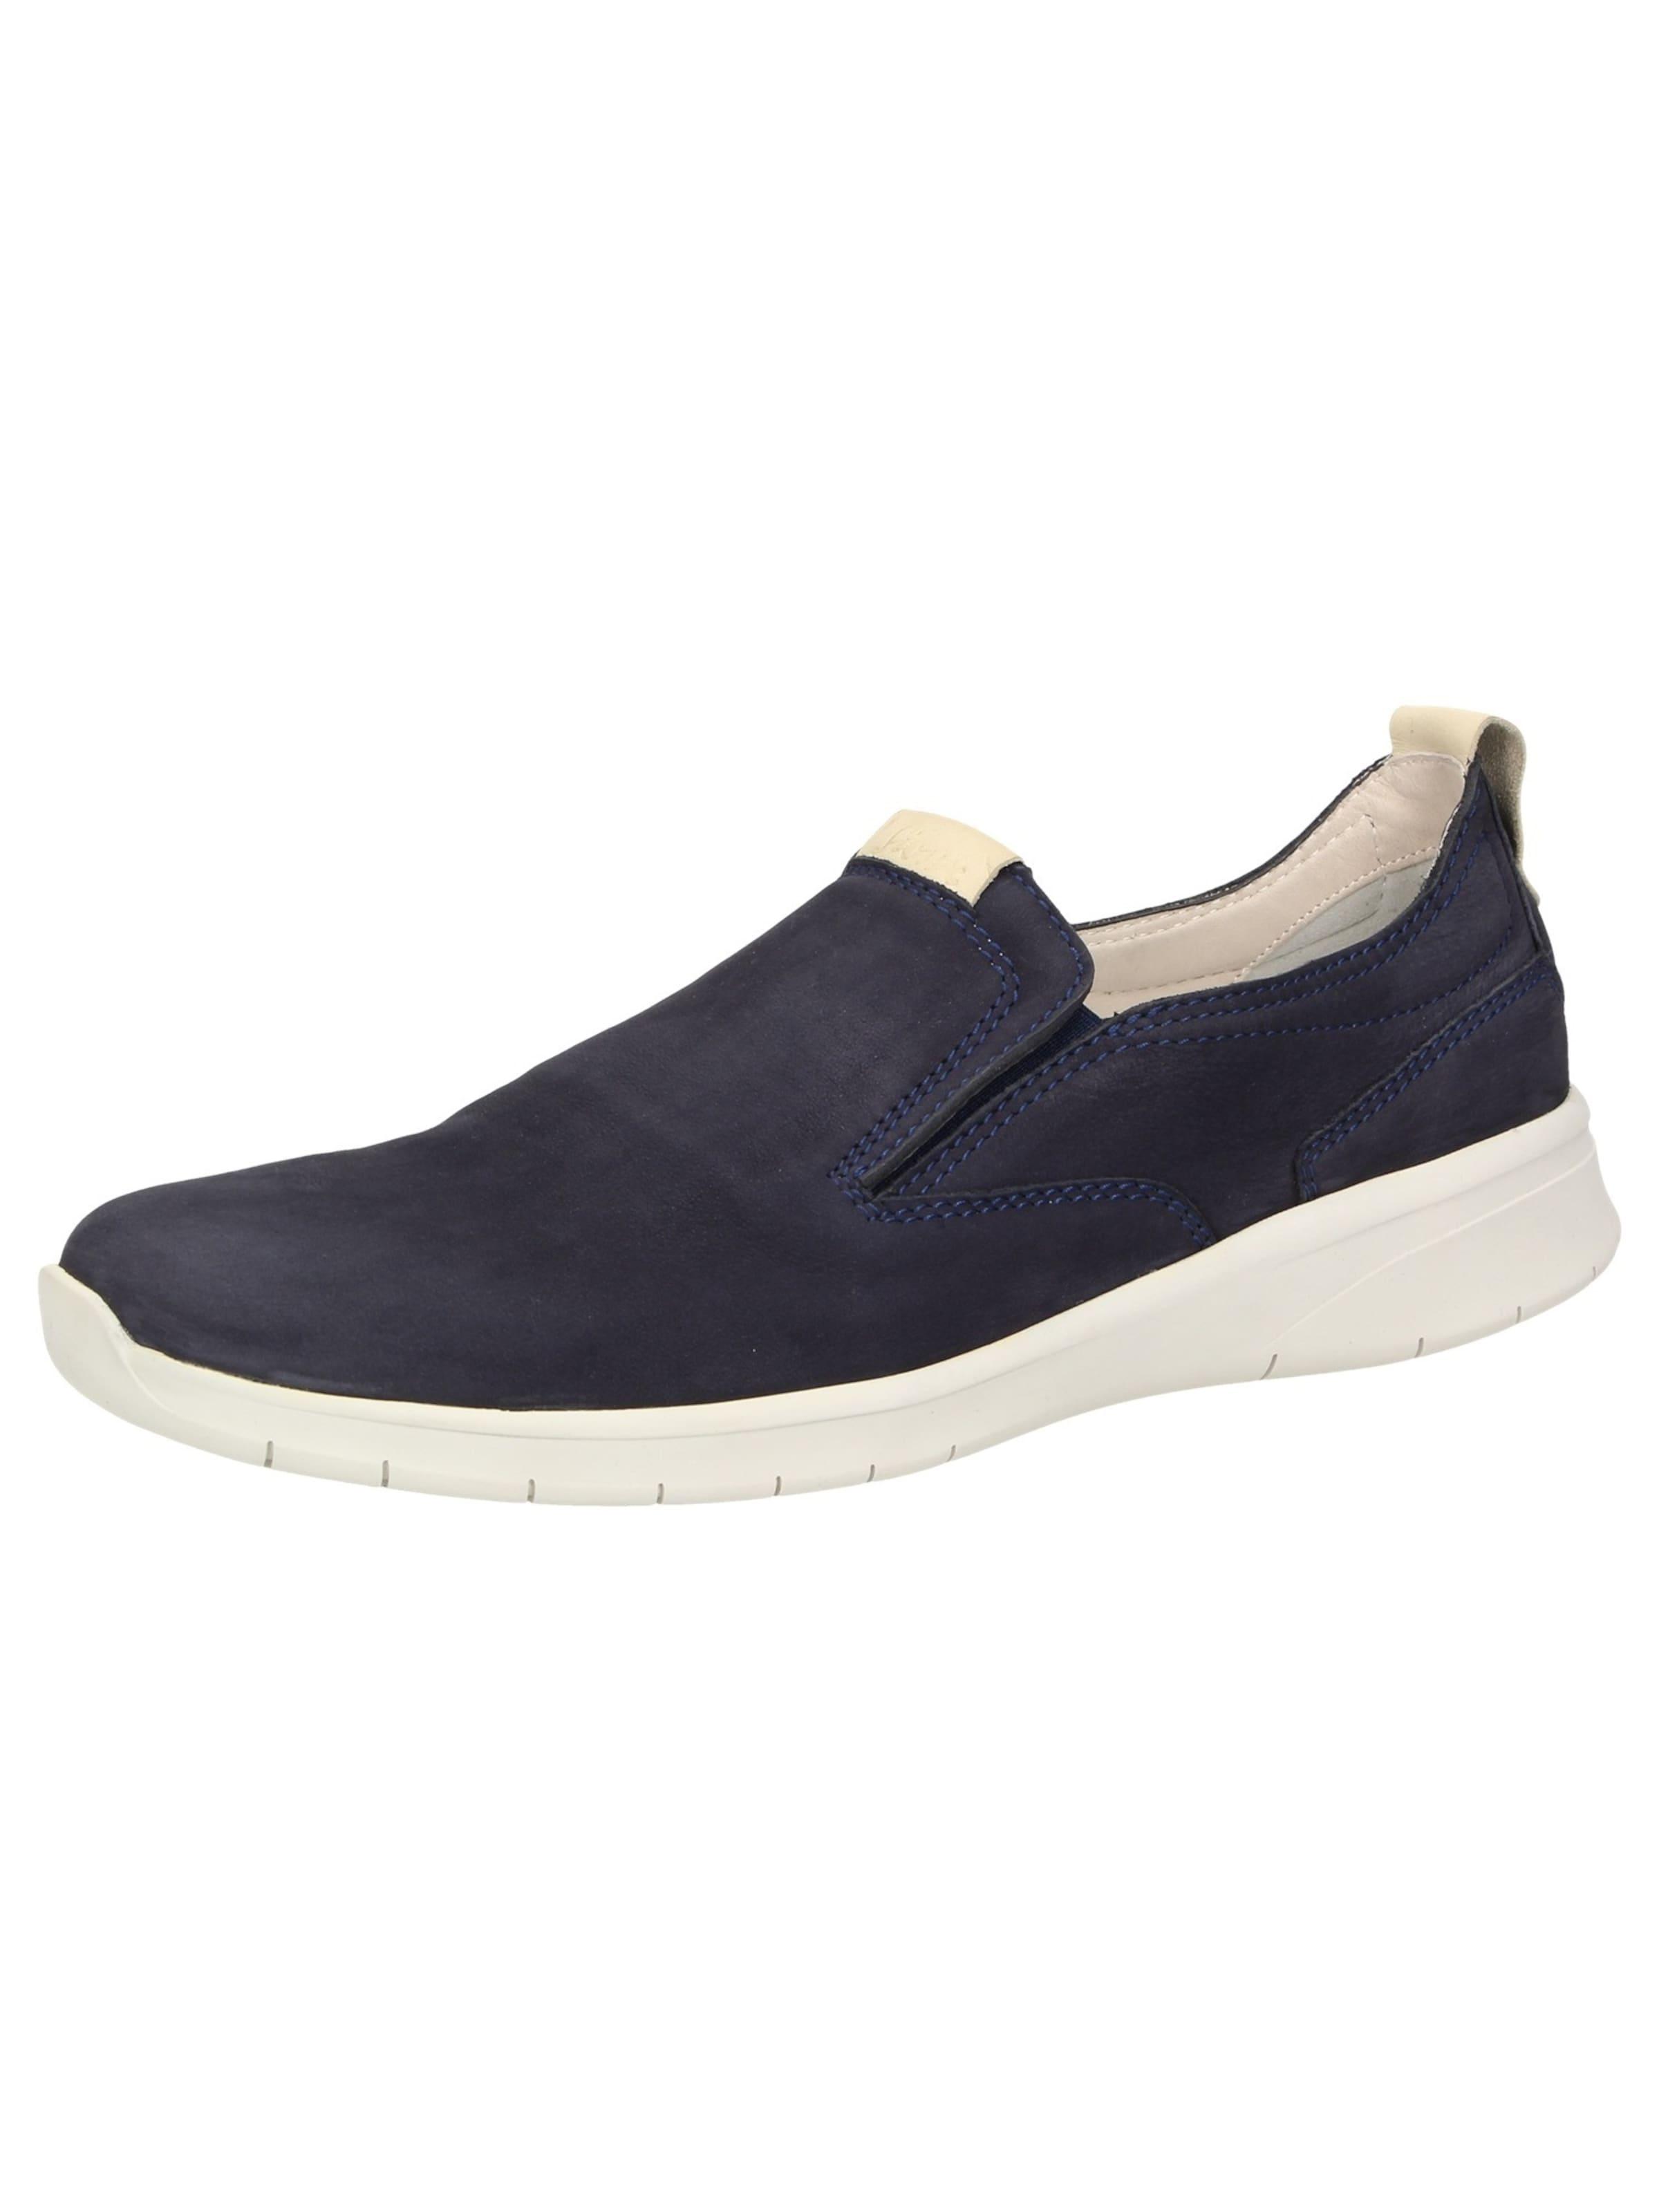 SIOUX Slipper Heimito-701-XL Verschleißfeste billige Schuhe